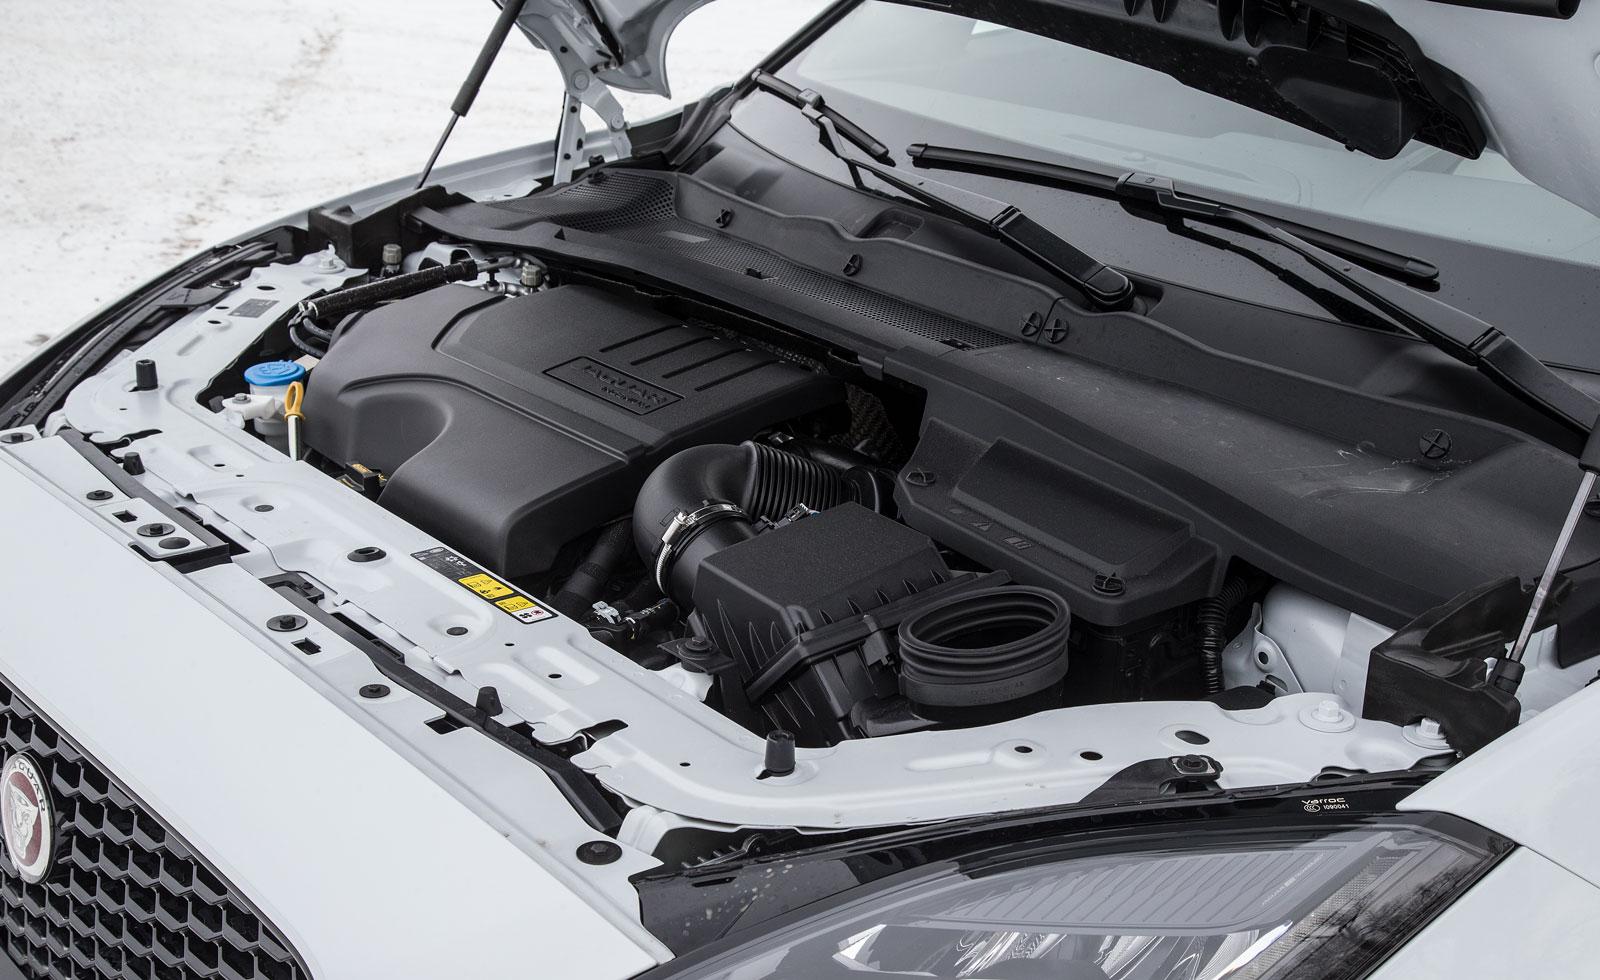 Kraften räcker långt i Jaguars 250-hästare men samarbetet med den nioväxlade (!) automatlådan övertygar inte vid start och i låg fart. Törstig!